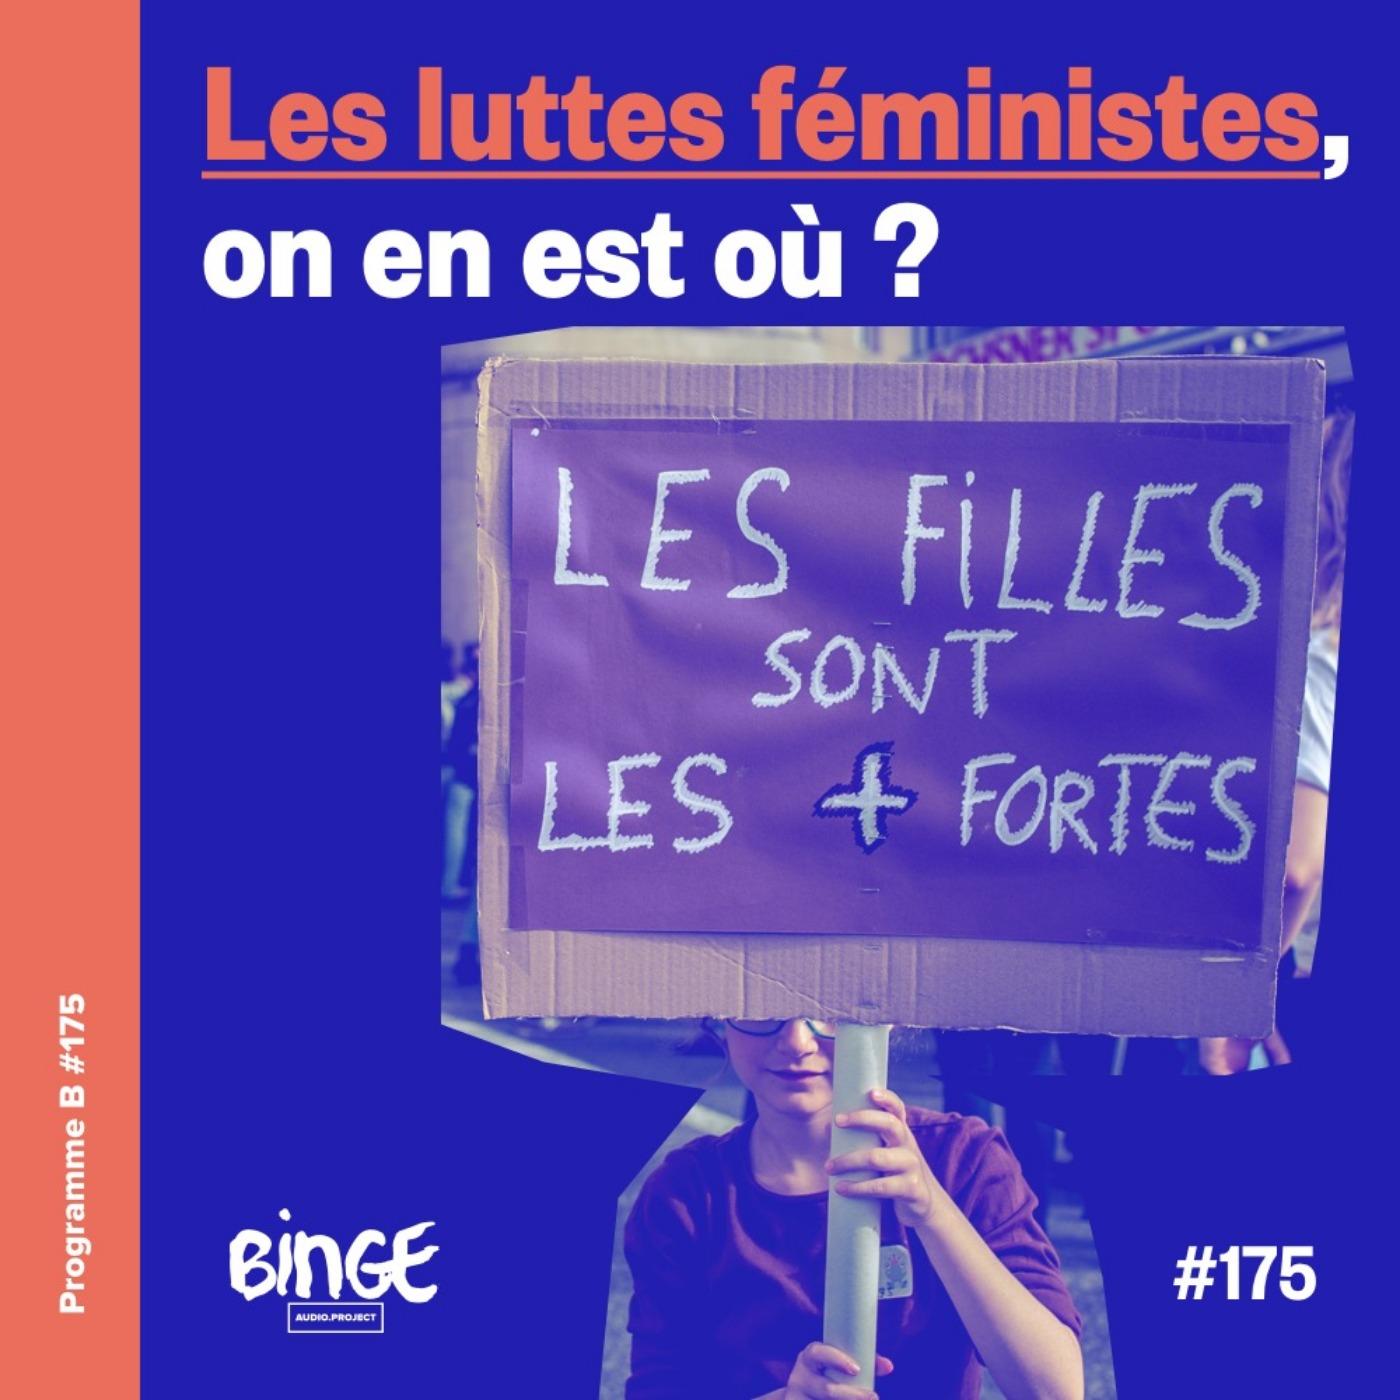 Les luttes féministes, on en est où ?